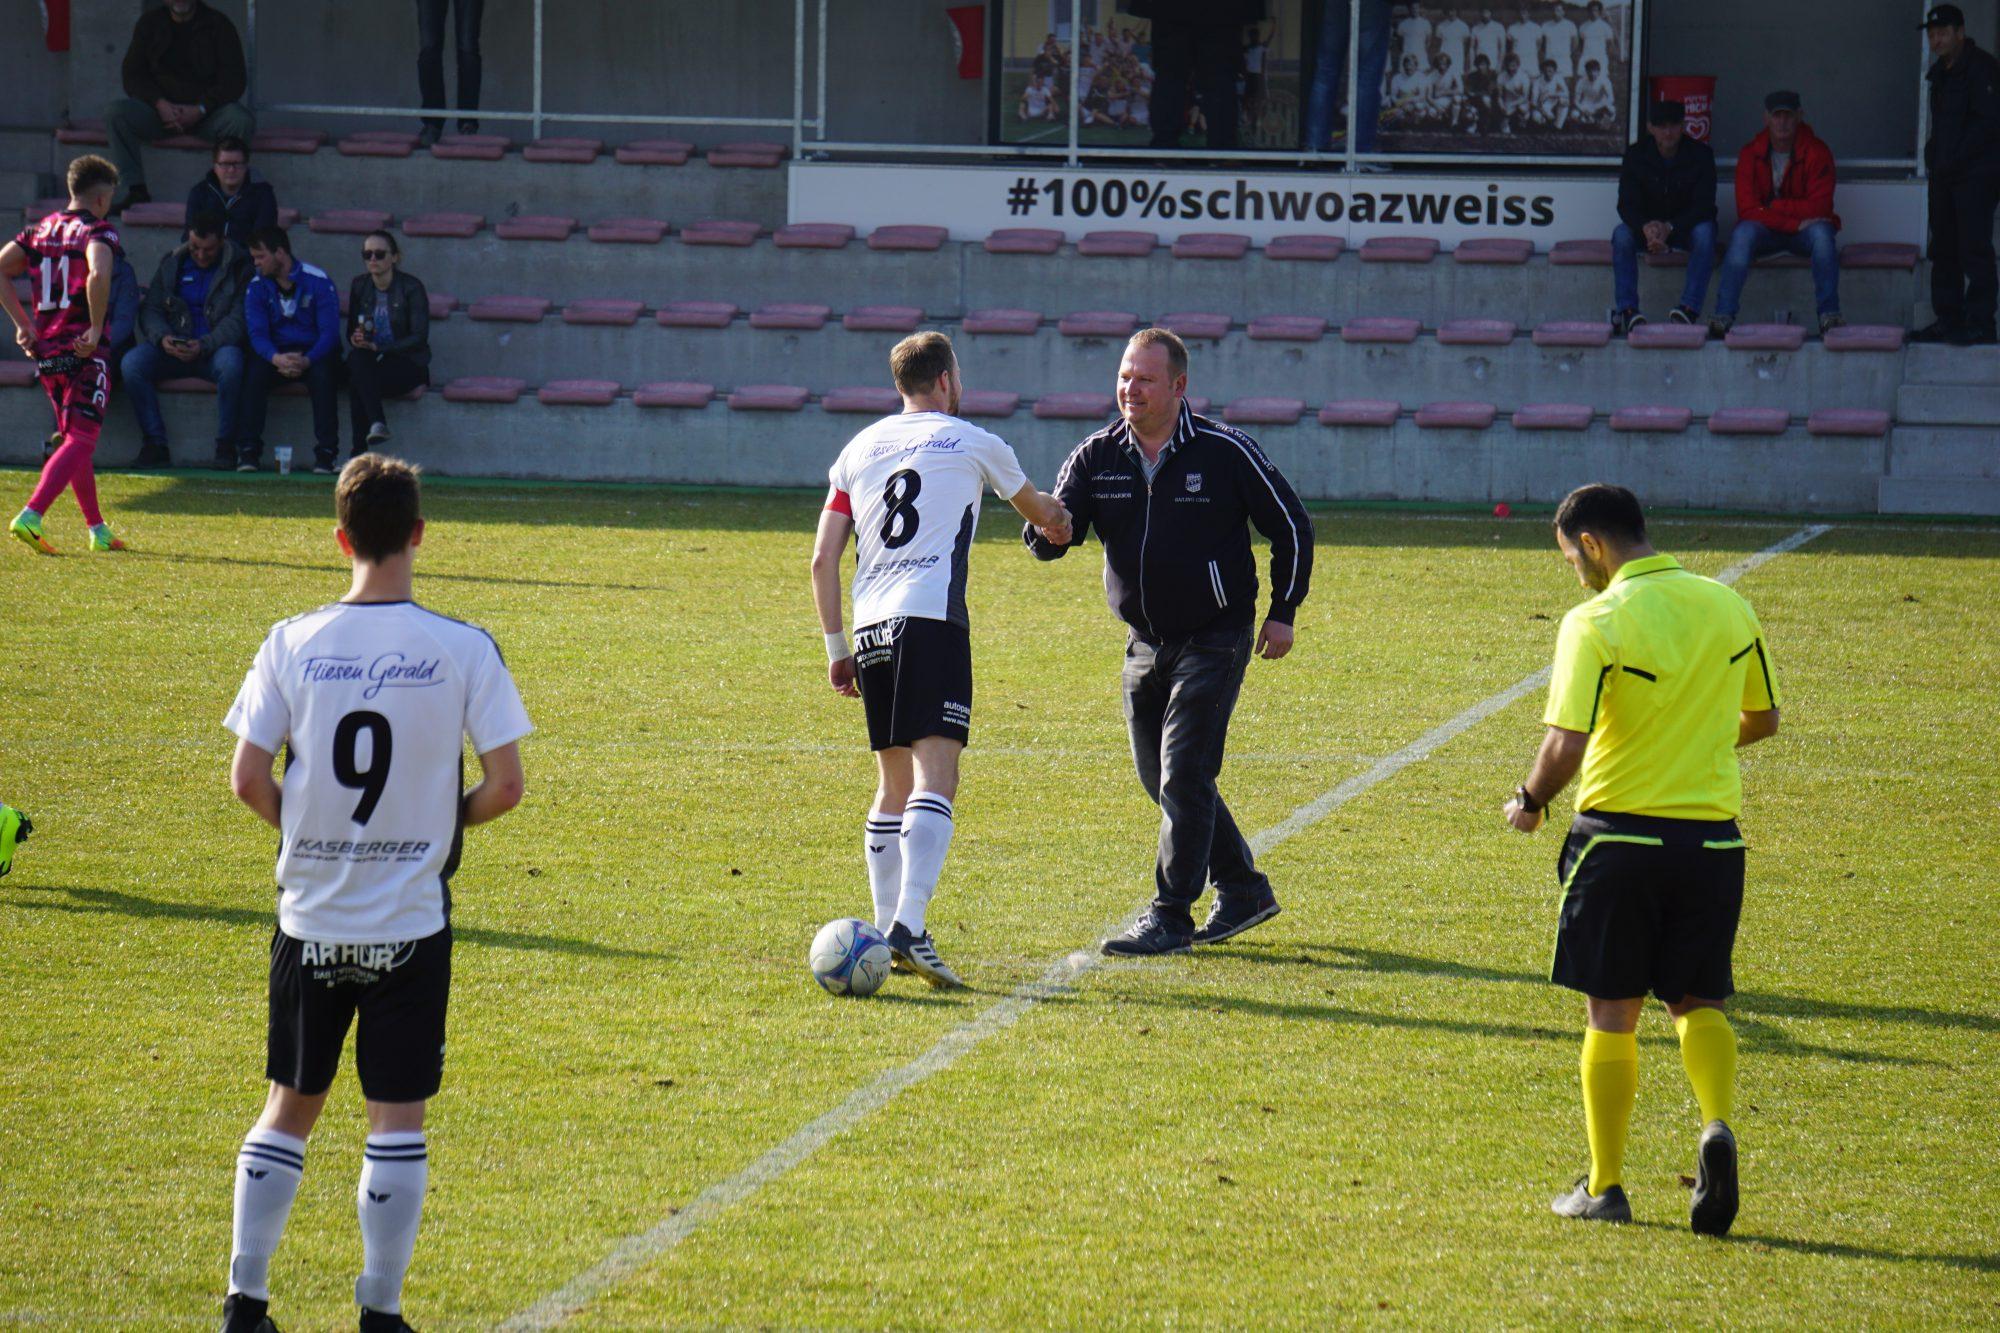 Handshake zwischen Kapitän Franz Lanzerstorfer und Matchsponsor Gerald Höglinger (Fliesen Gerald)